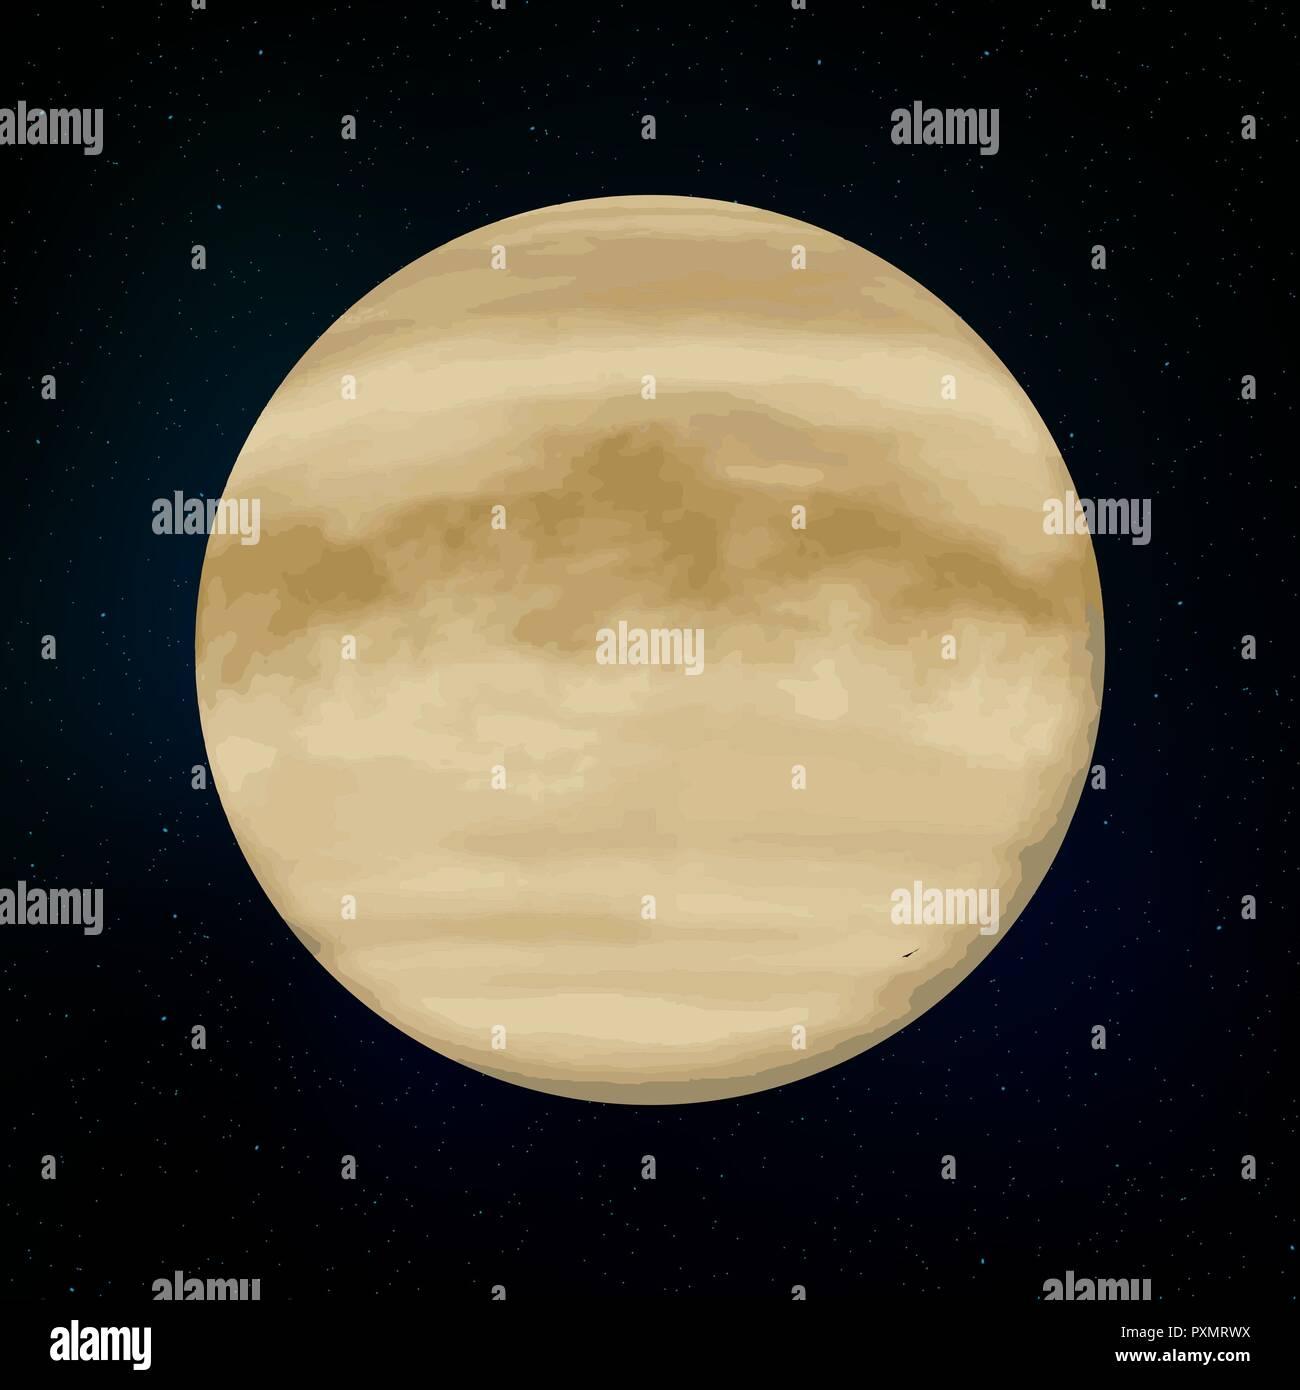 venus planet images - HD1024×768